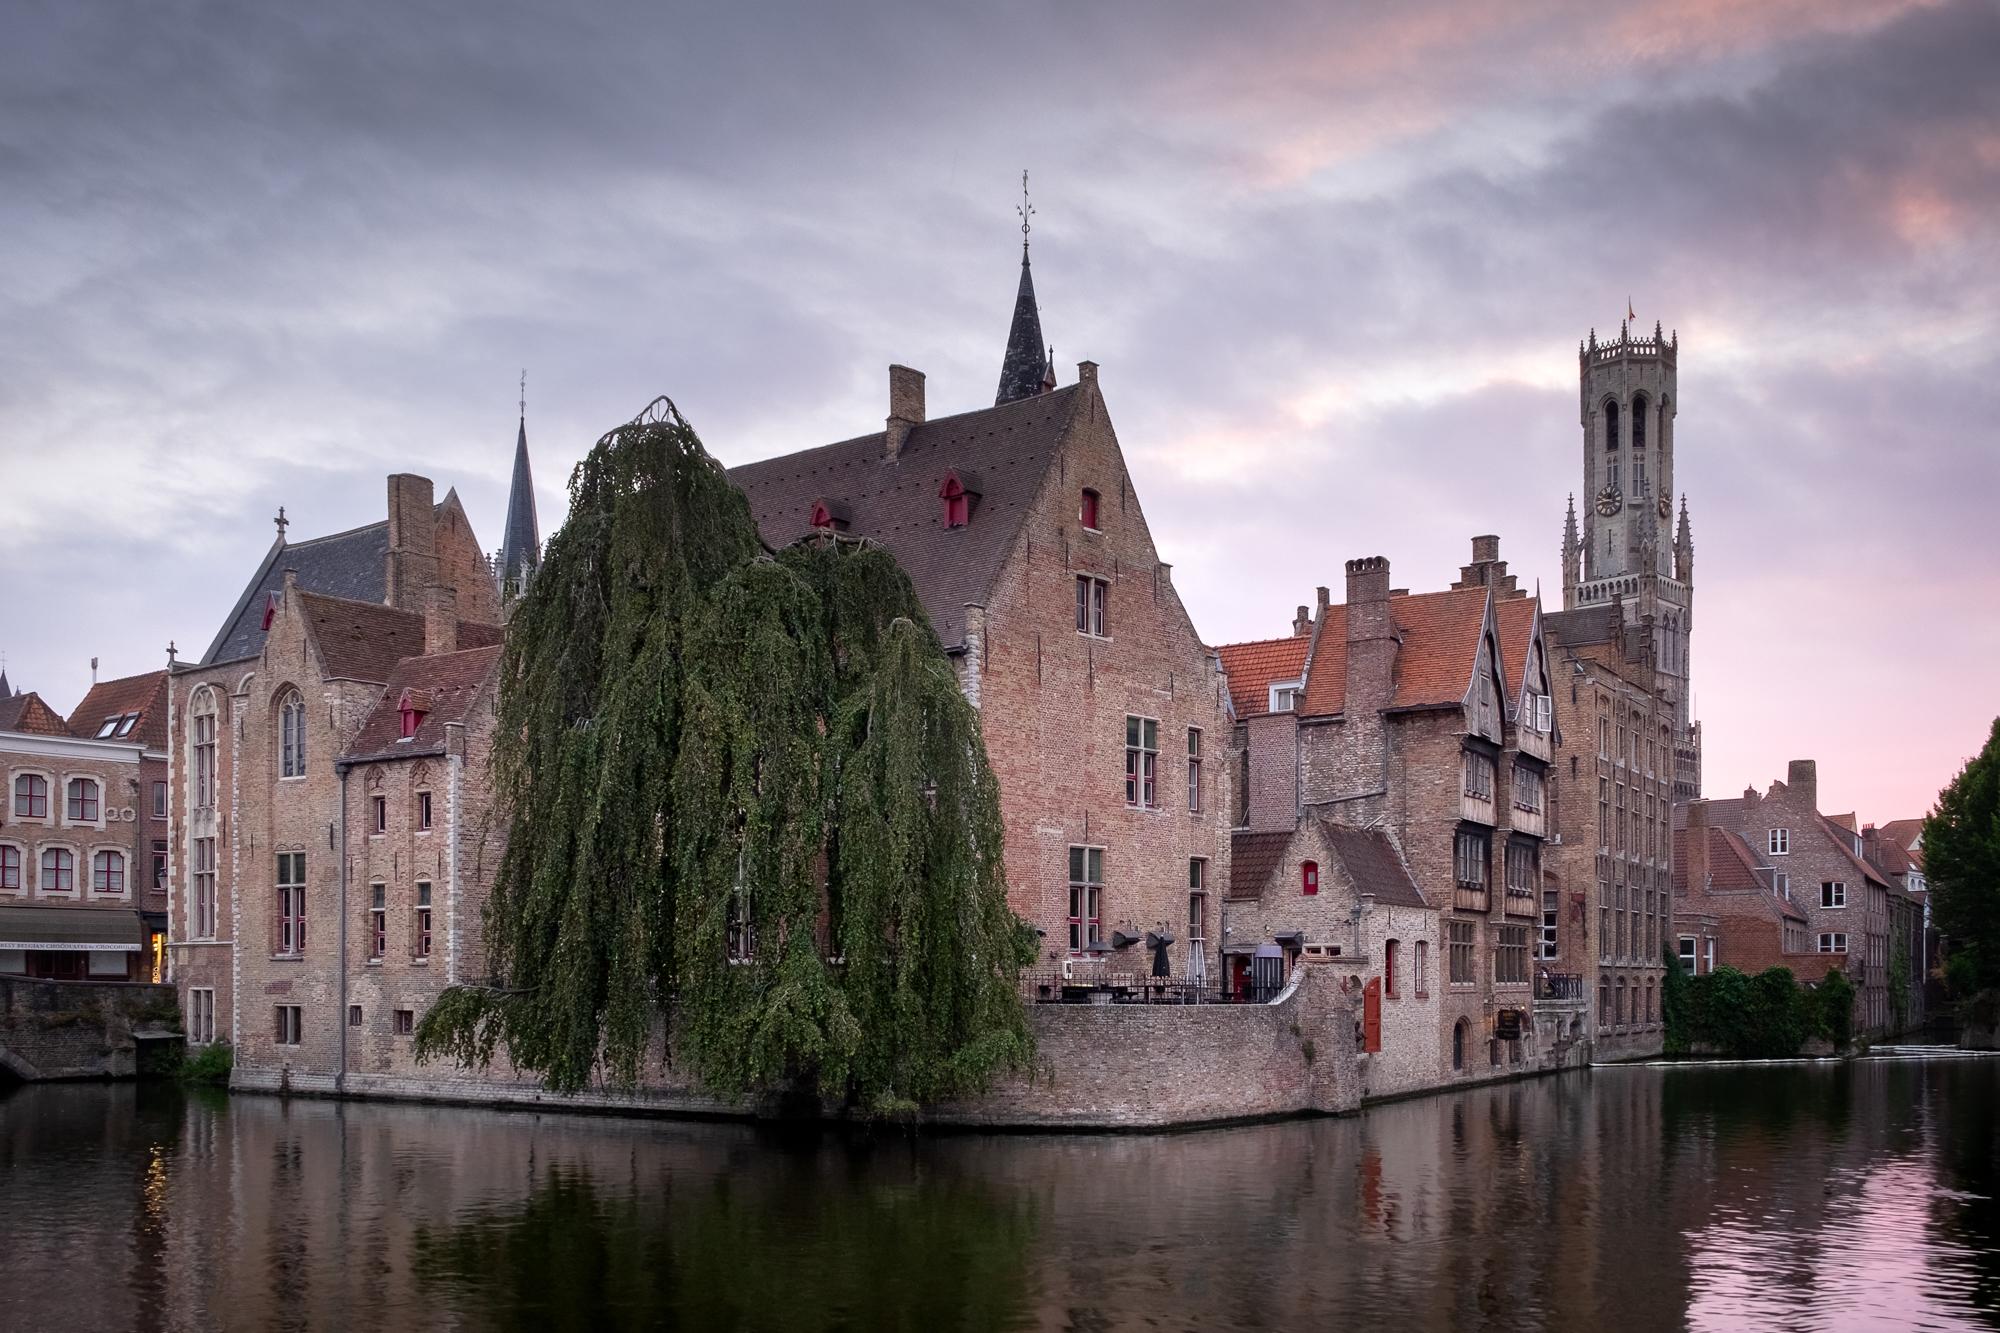 180722 - Bruges - Sunrise - Dijver Canal 004.jpg